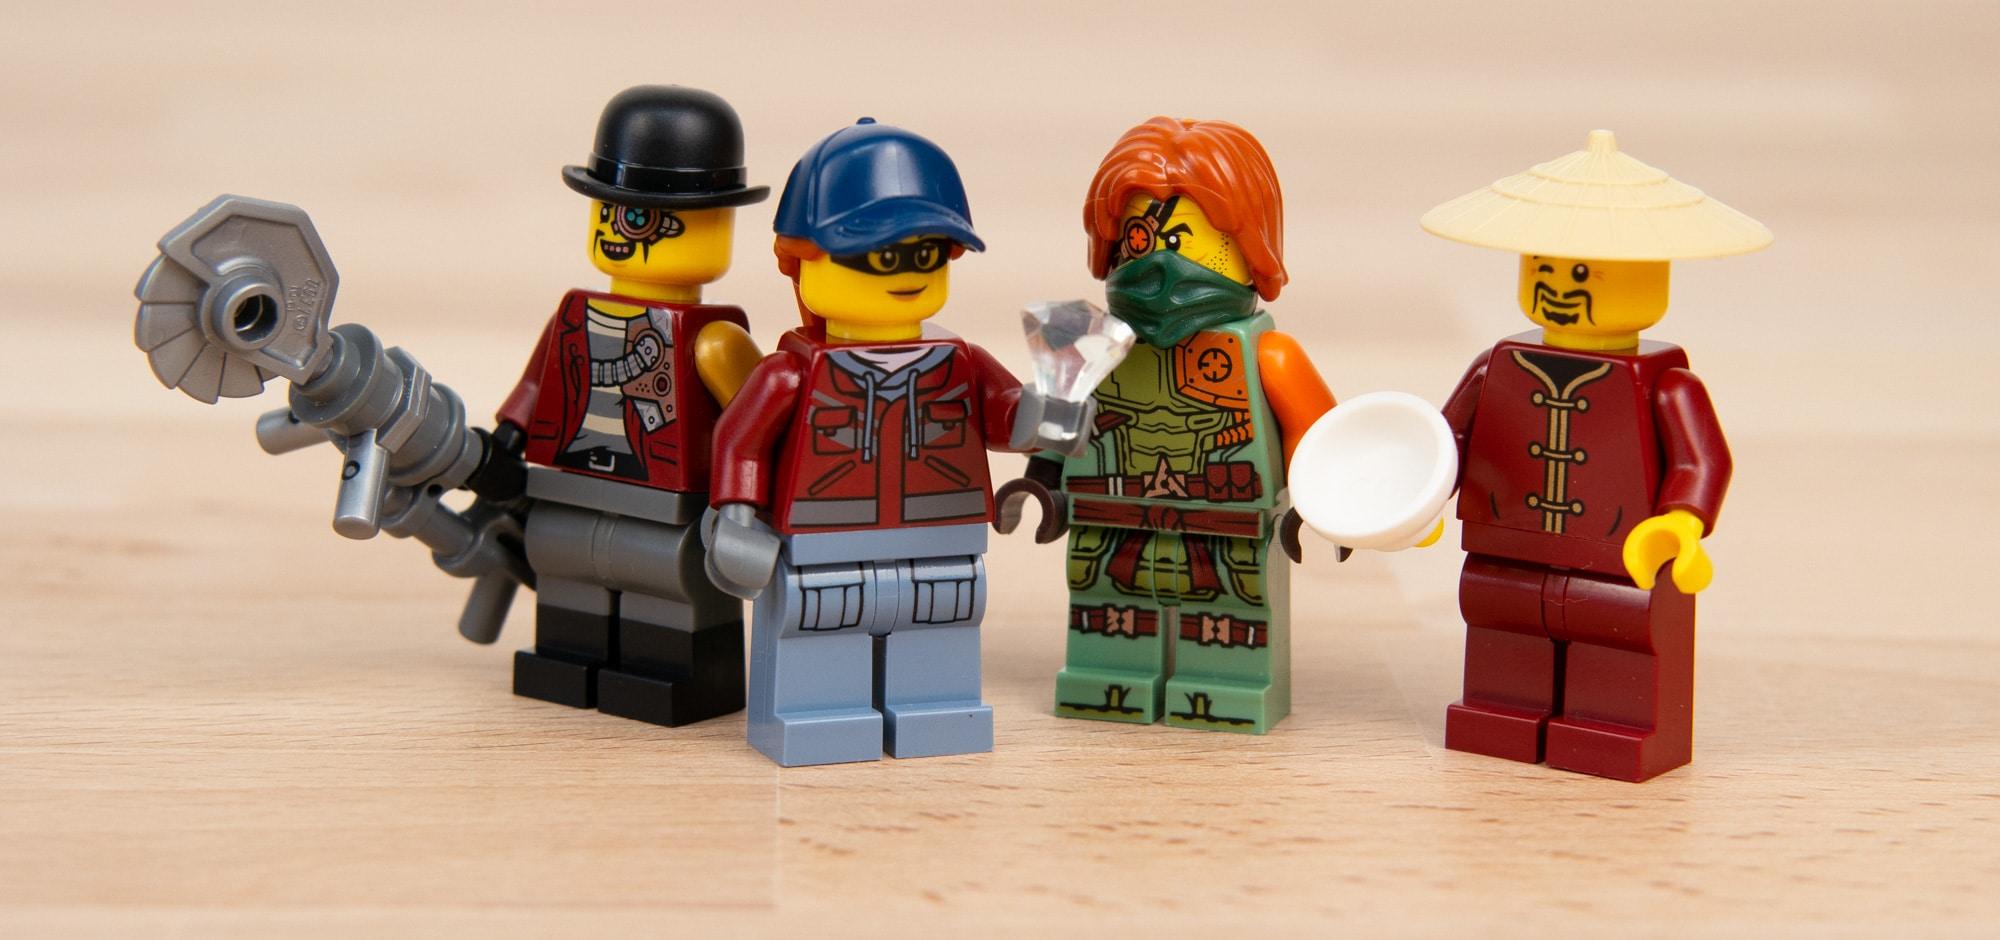 LEGO 71741 Ninjago City Gardens 3